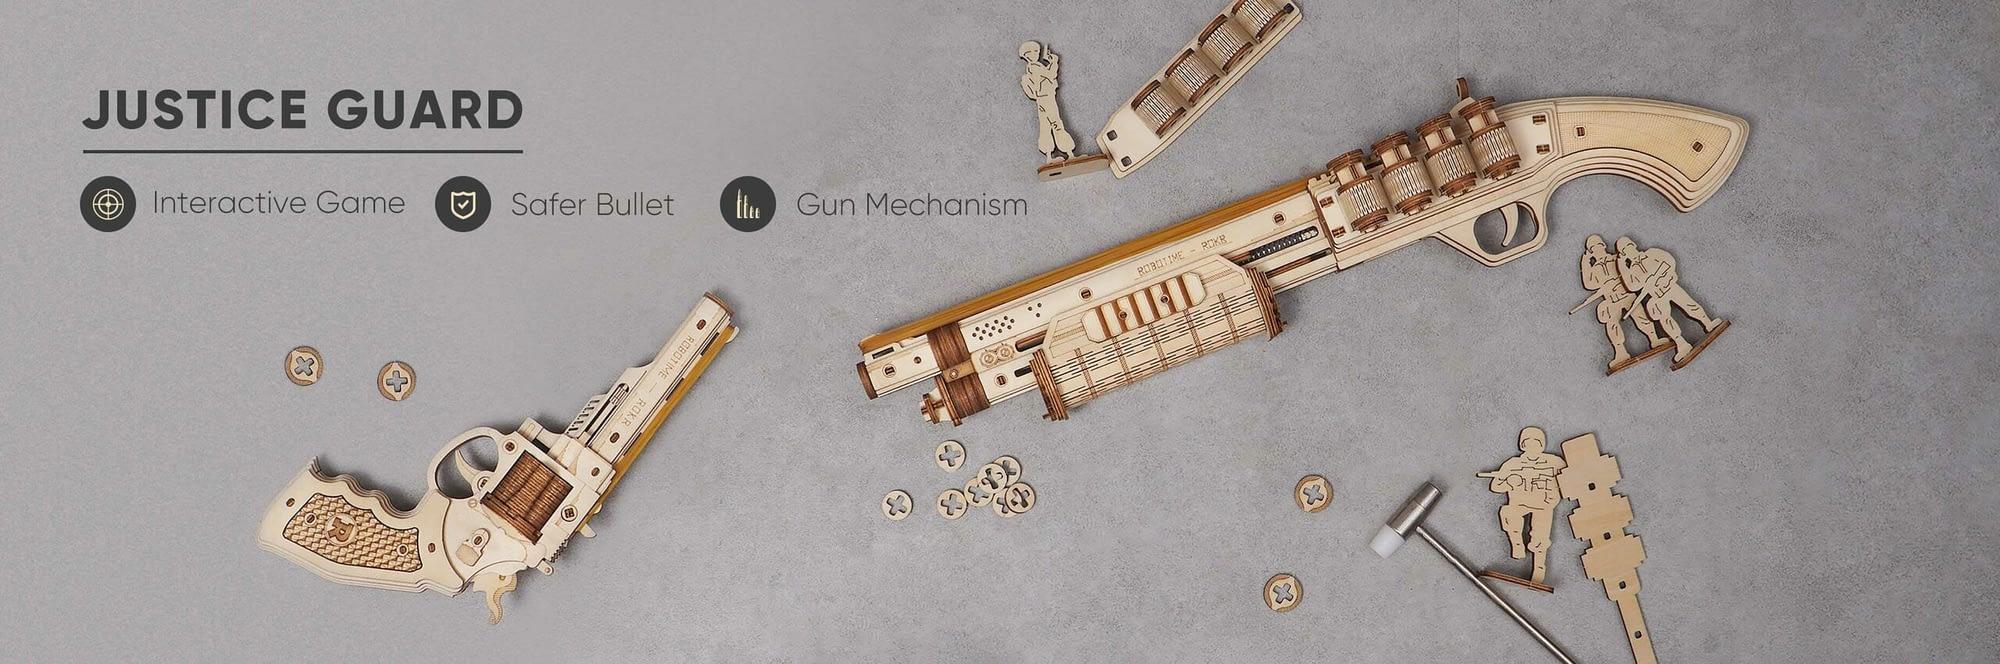 Wooden Gun Models